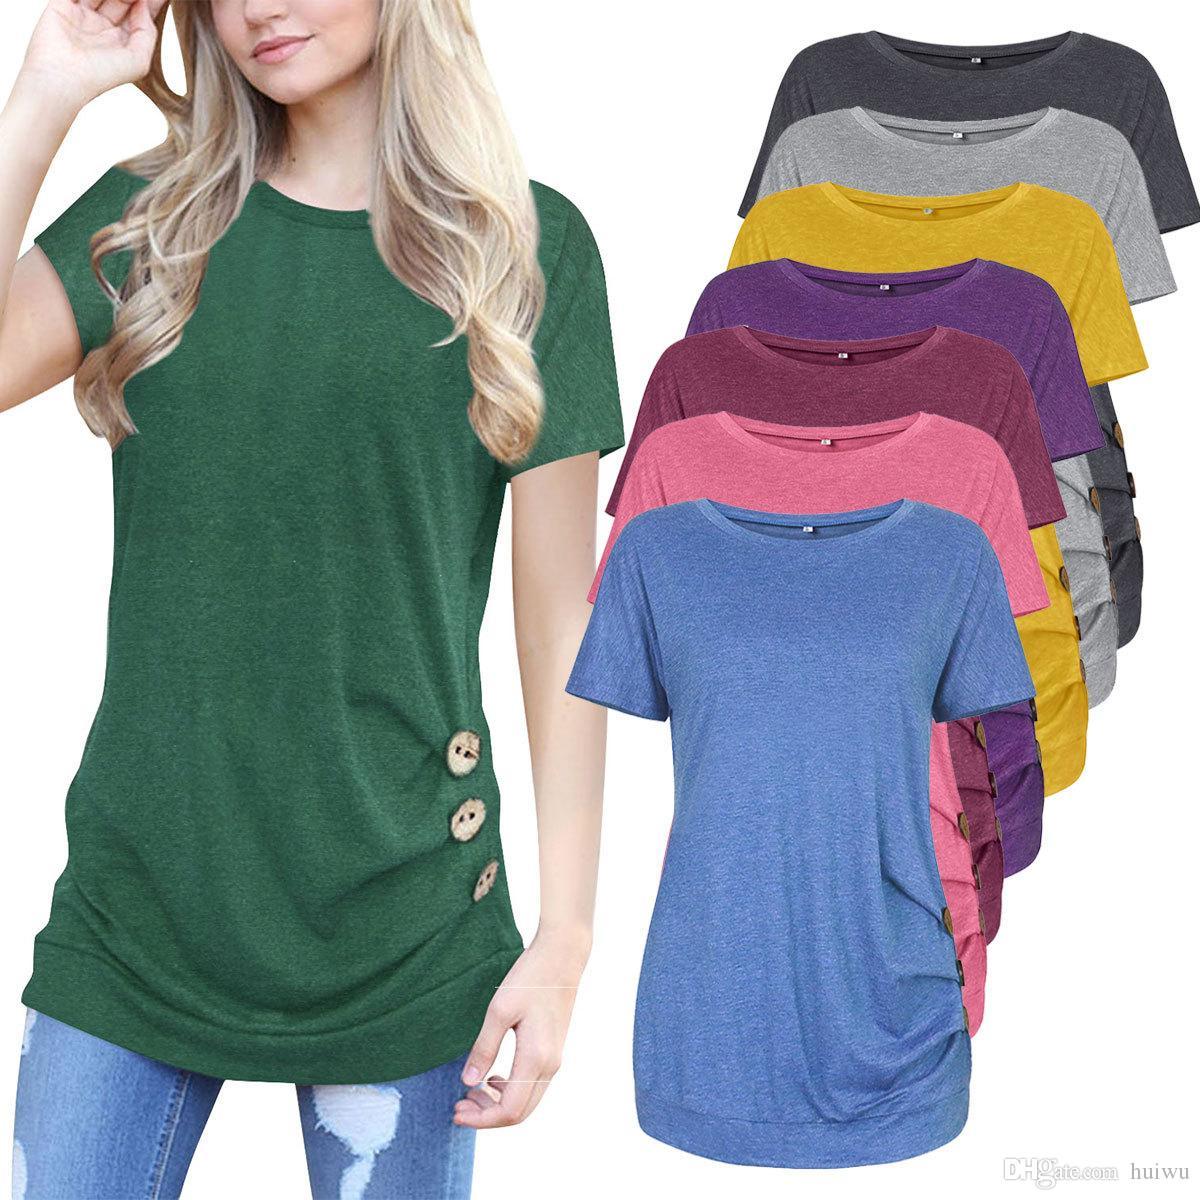 3e99259fa4e63 Satın Al Kadın Yaz O Boyun Kısa Kollu Uzun Temel T Gömlek Bayanlar Rahat  Yan Düğme Dekorasyon Gevşek Tee Gömlek Tops Femme, $16.61 | DHgate.Com'da